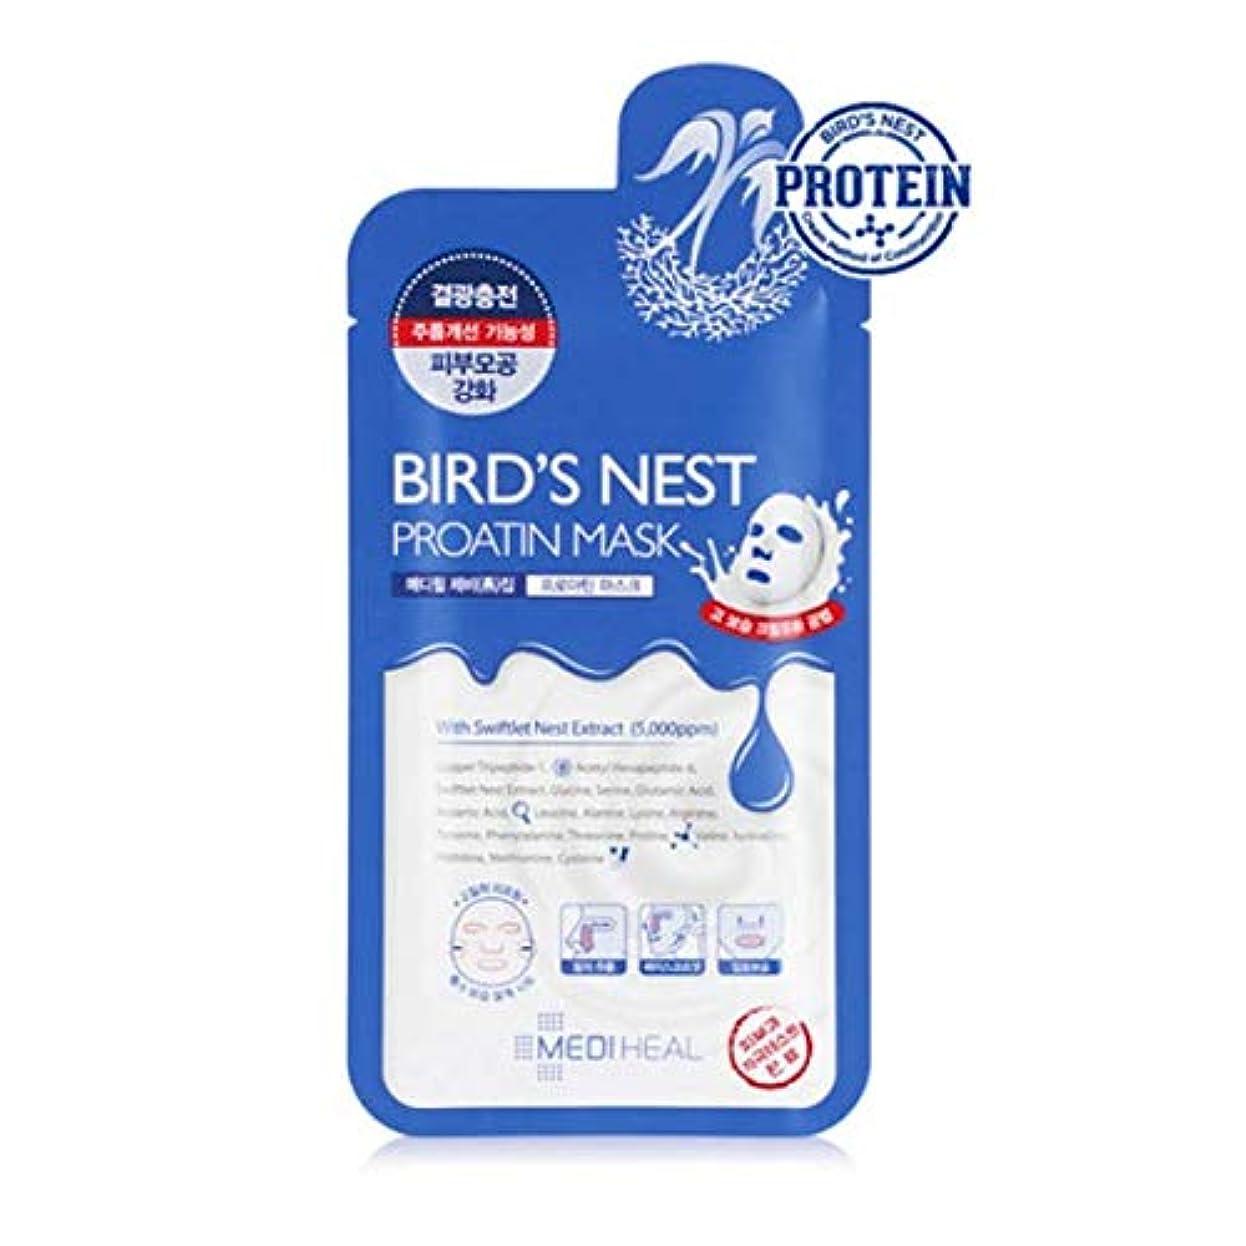 引退する彫る必要とする【MEDIHEAL】 Bird's Nest Proatin Mask 25ml 【ディヒール】 メ鳥の巣 プロアチンマスク 5 枚 [並行輸入品]